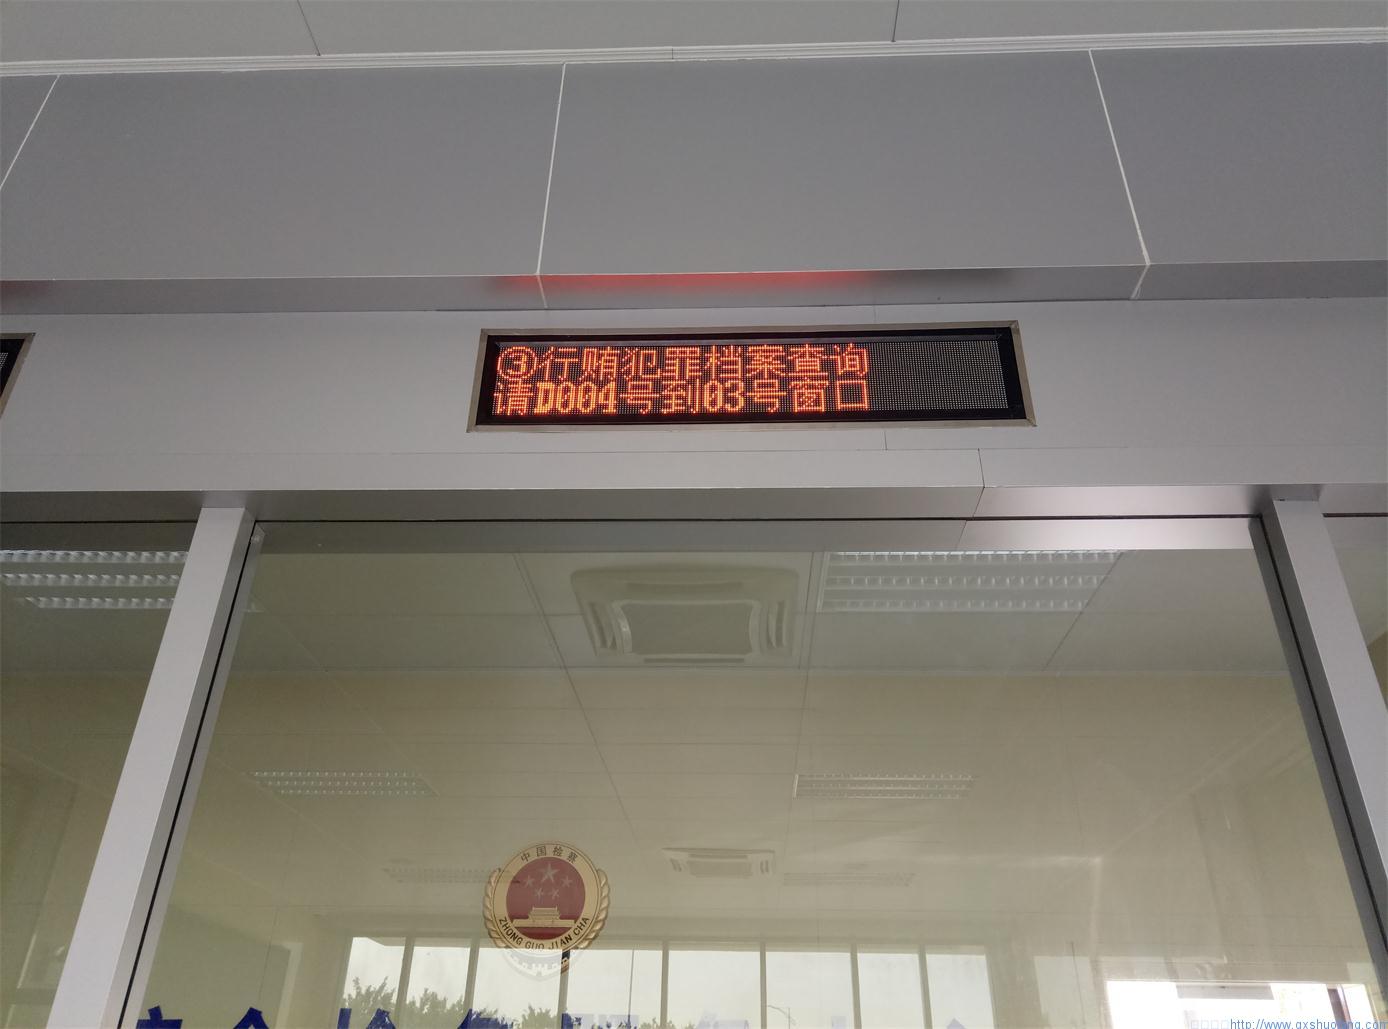 廣西南寧市西鄉塘人民檢察院排隊機、觸摸查詢機和觸摸查詢軟件項目